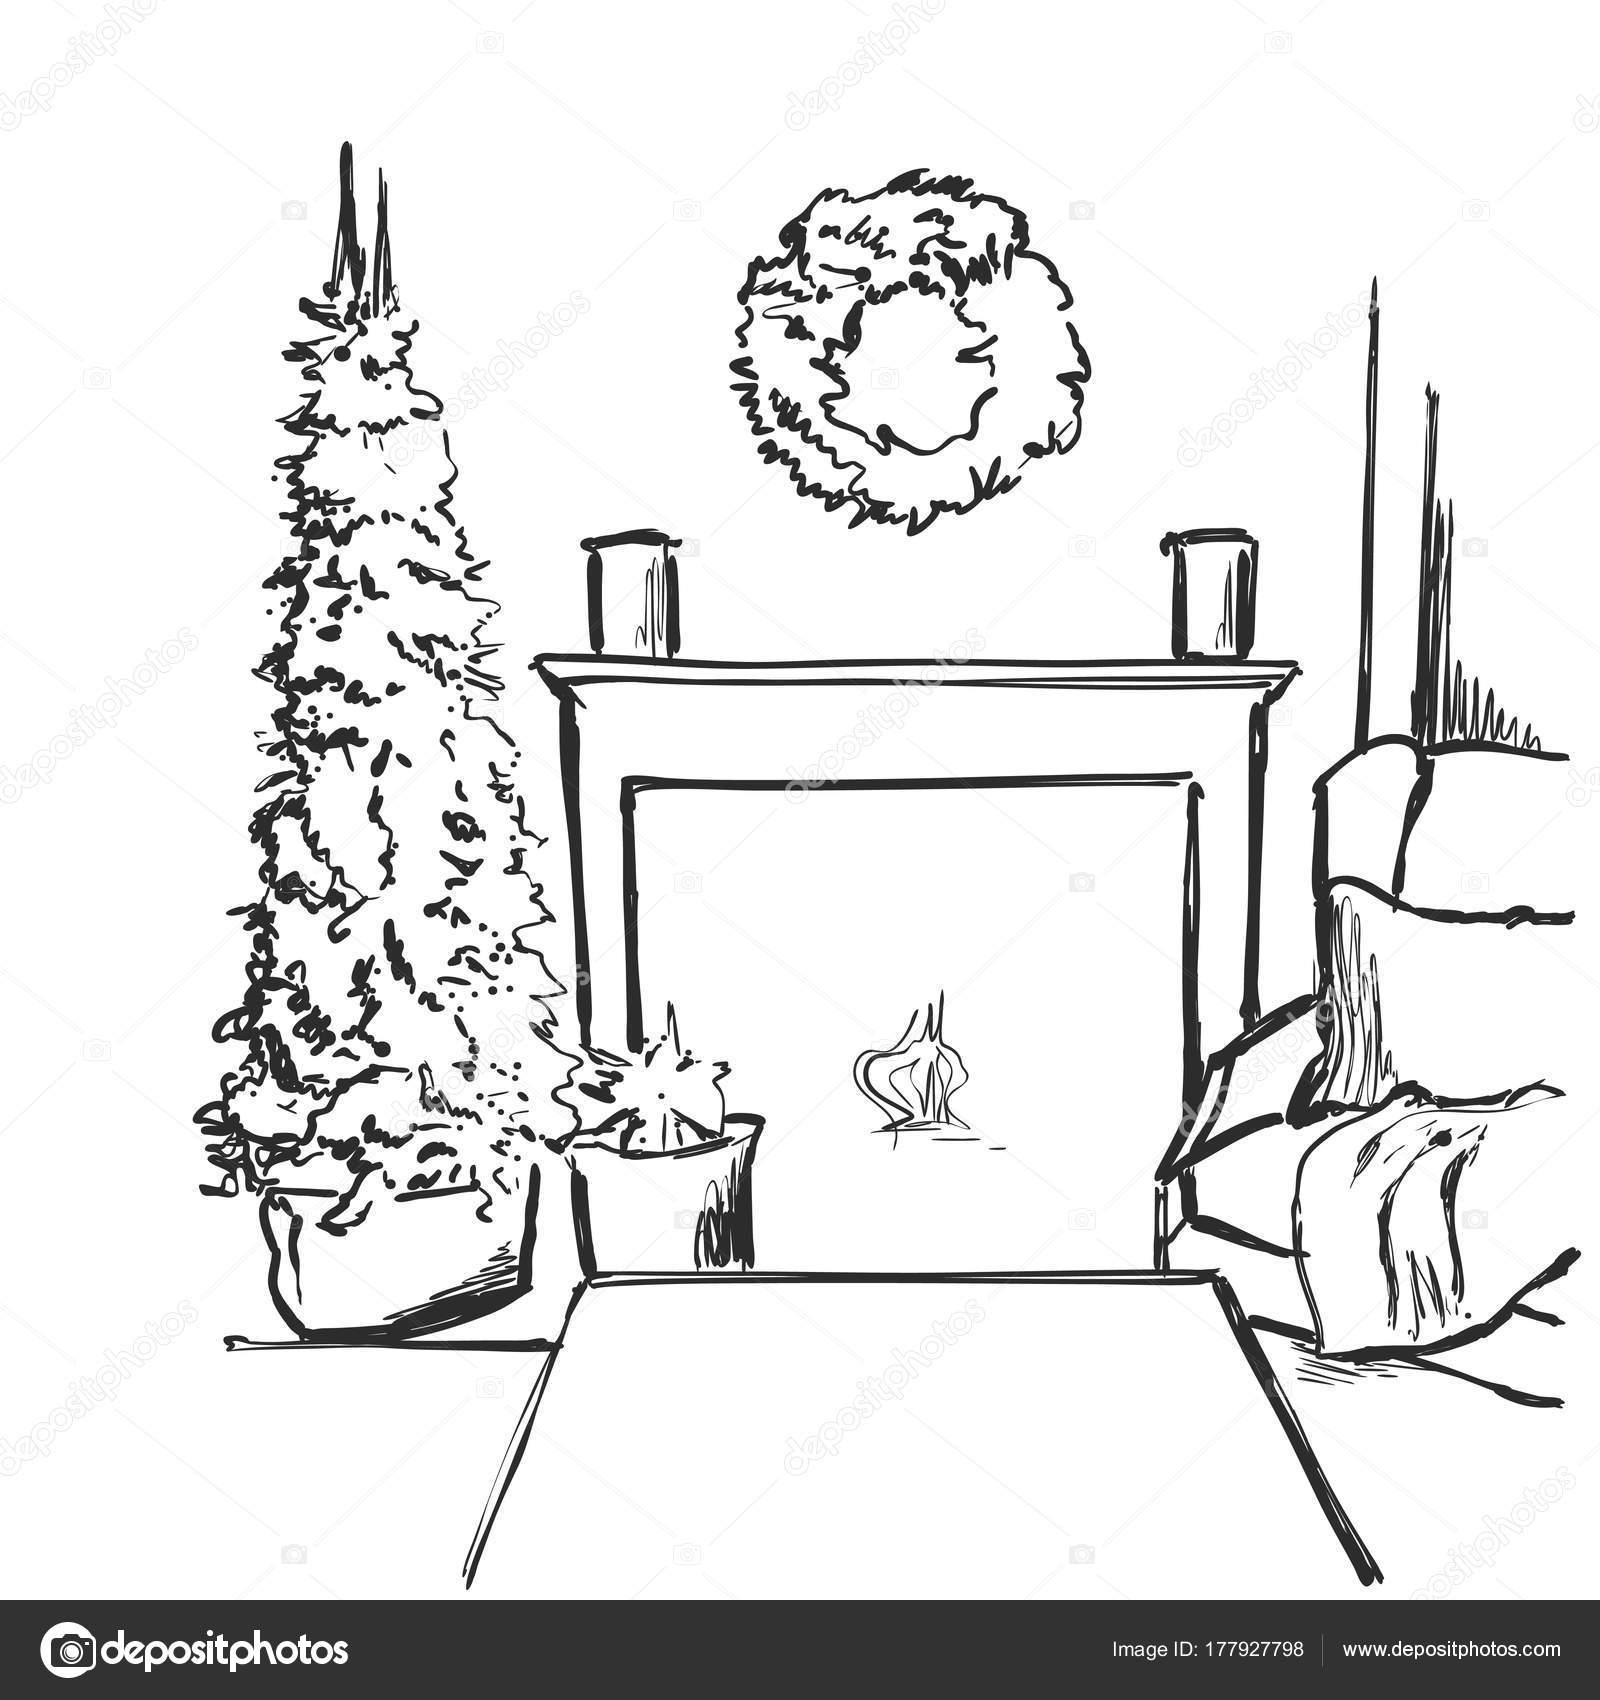 Dibujos Chimenea Navidad Dibujo Dibujo Vector Ilustracion - Postales-navidad-dibujos